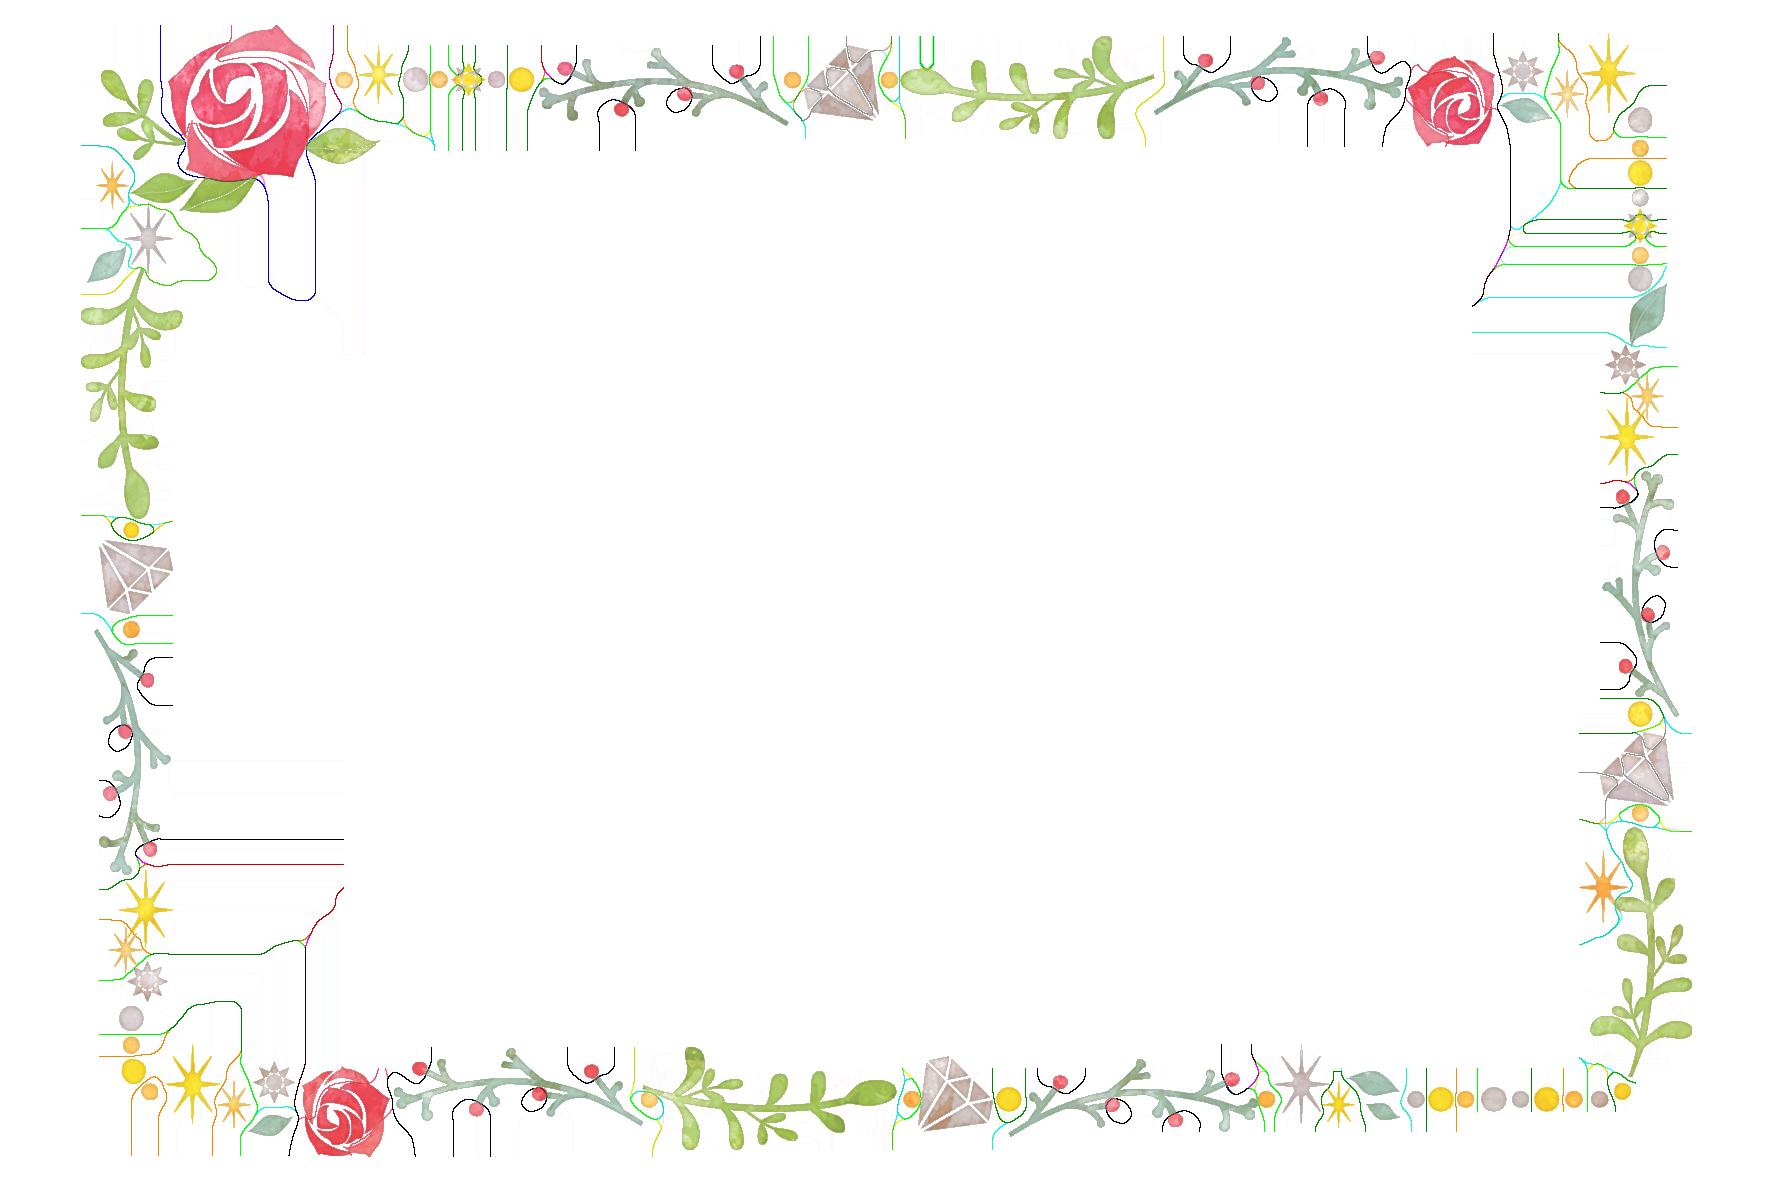 バラの花と植物のフレーム」 - 無料イラスト愛